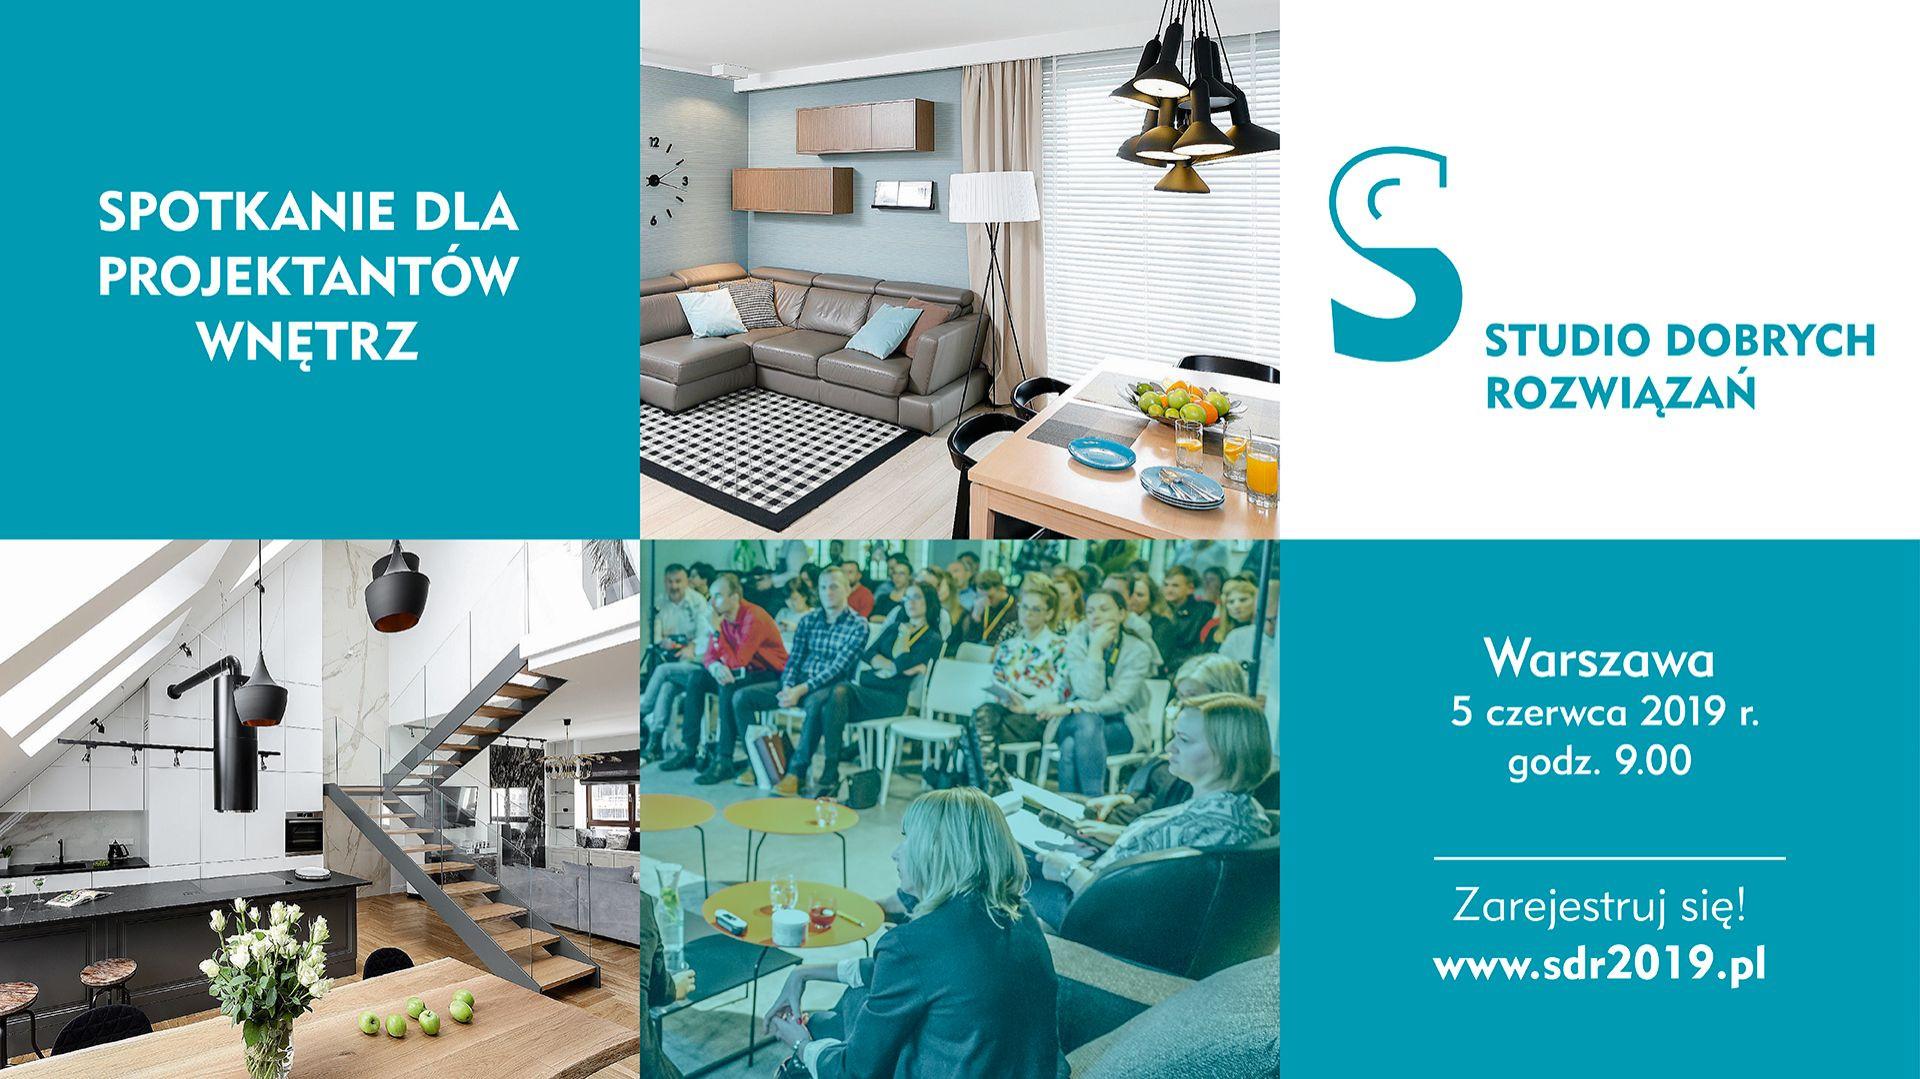 Studio Dobrych Rozwiązań w Warszawie - zapraszamy 5 czerwca!